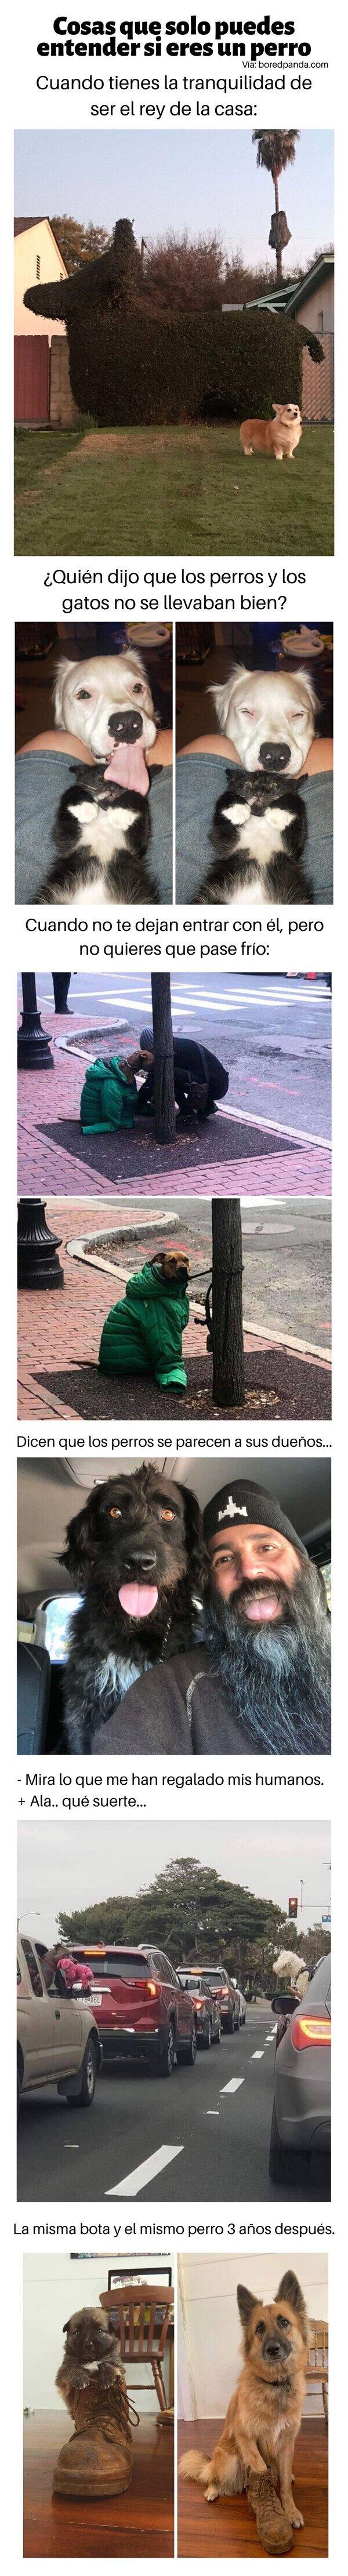 Meme_otros - Cosas que solo puedes entender si eres un perro